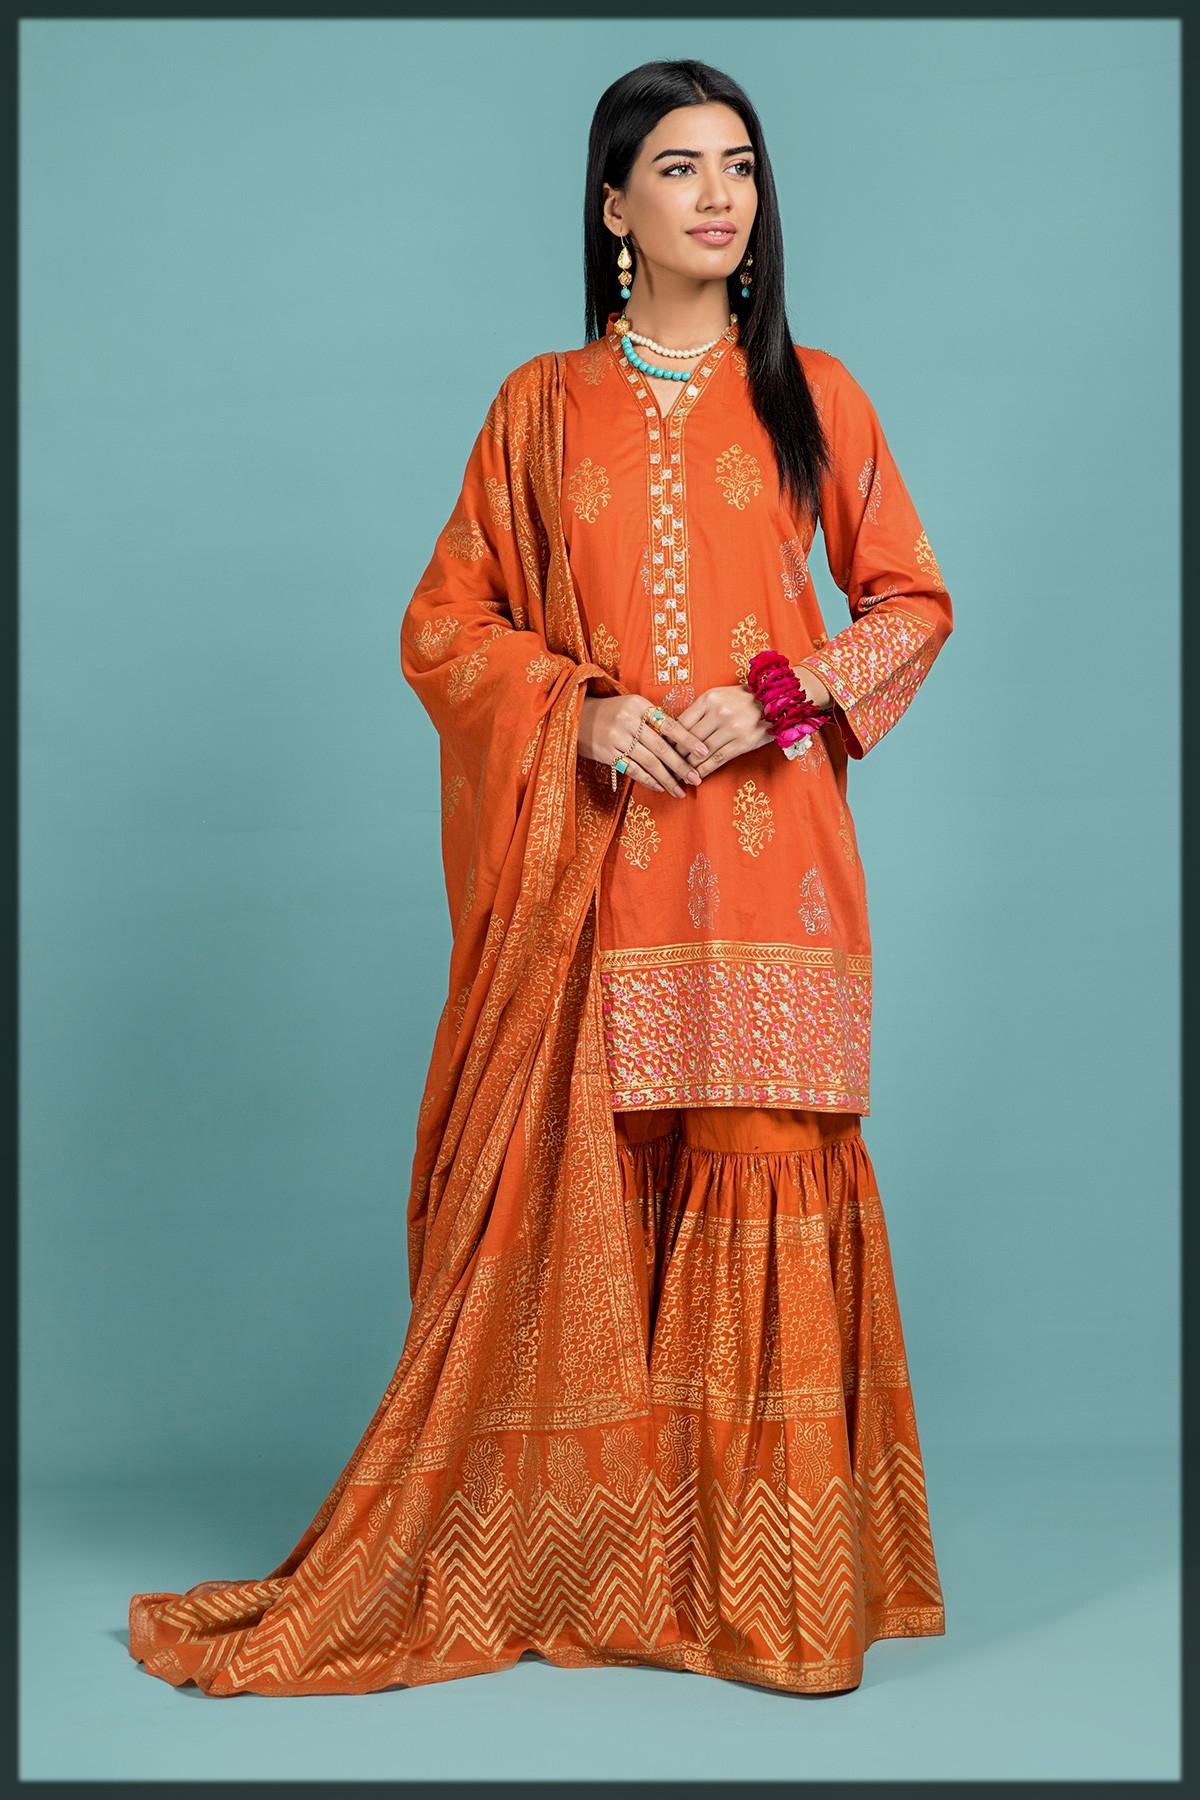 dazzling eid dress for women